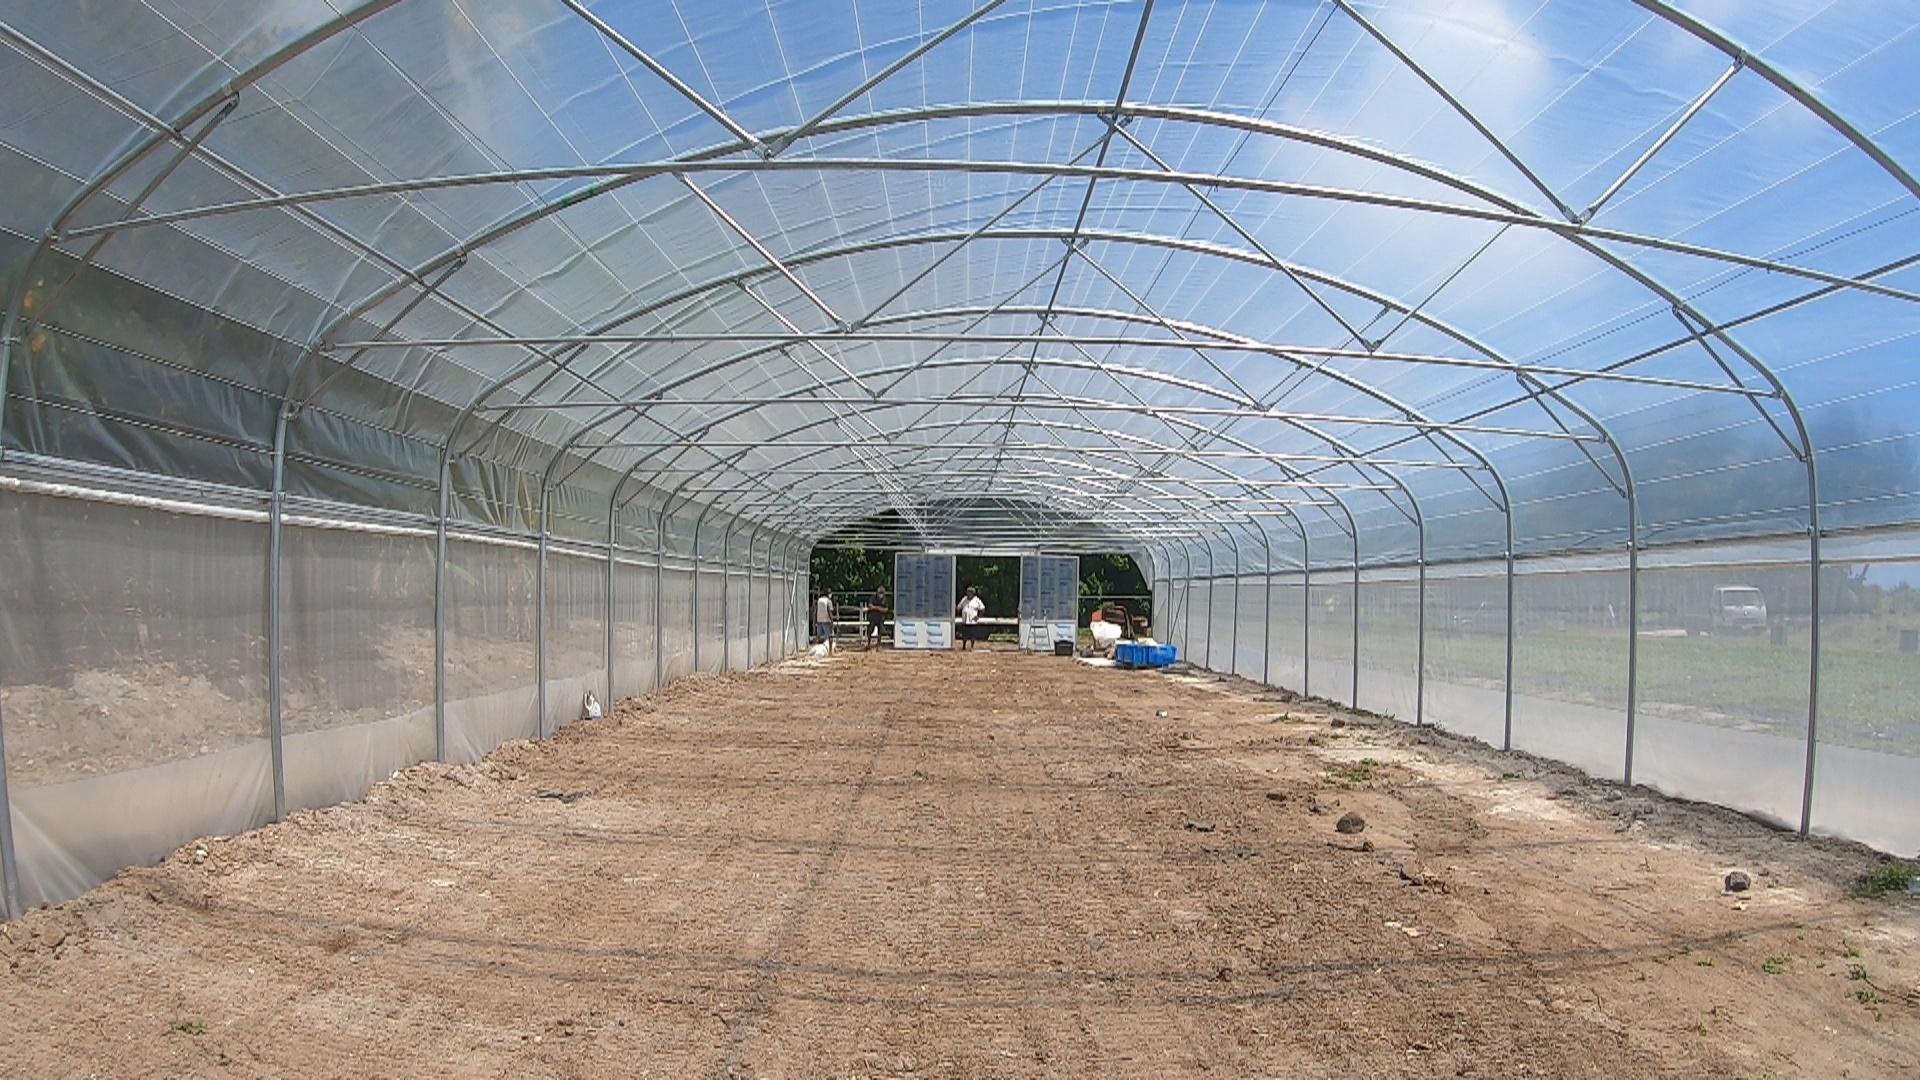 Des projets pilotes pour l'agriculture